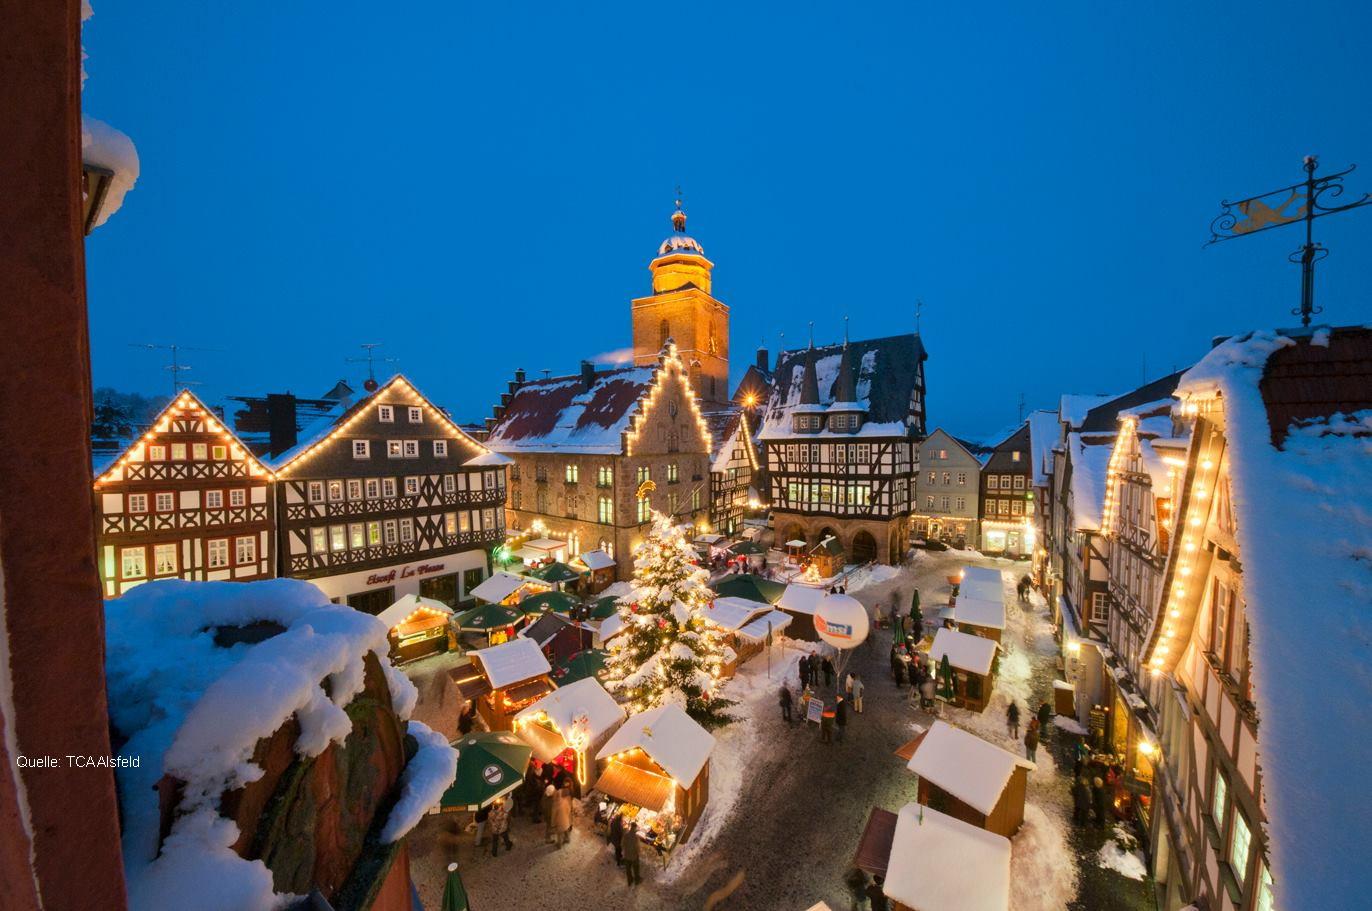 Weihnachtsmarkt in Alsfeld - Bild: TCA Alsfeld